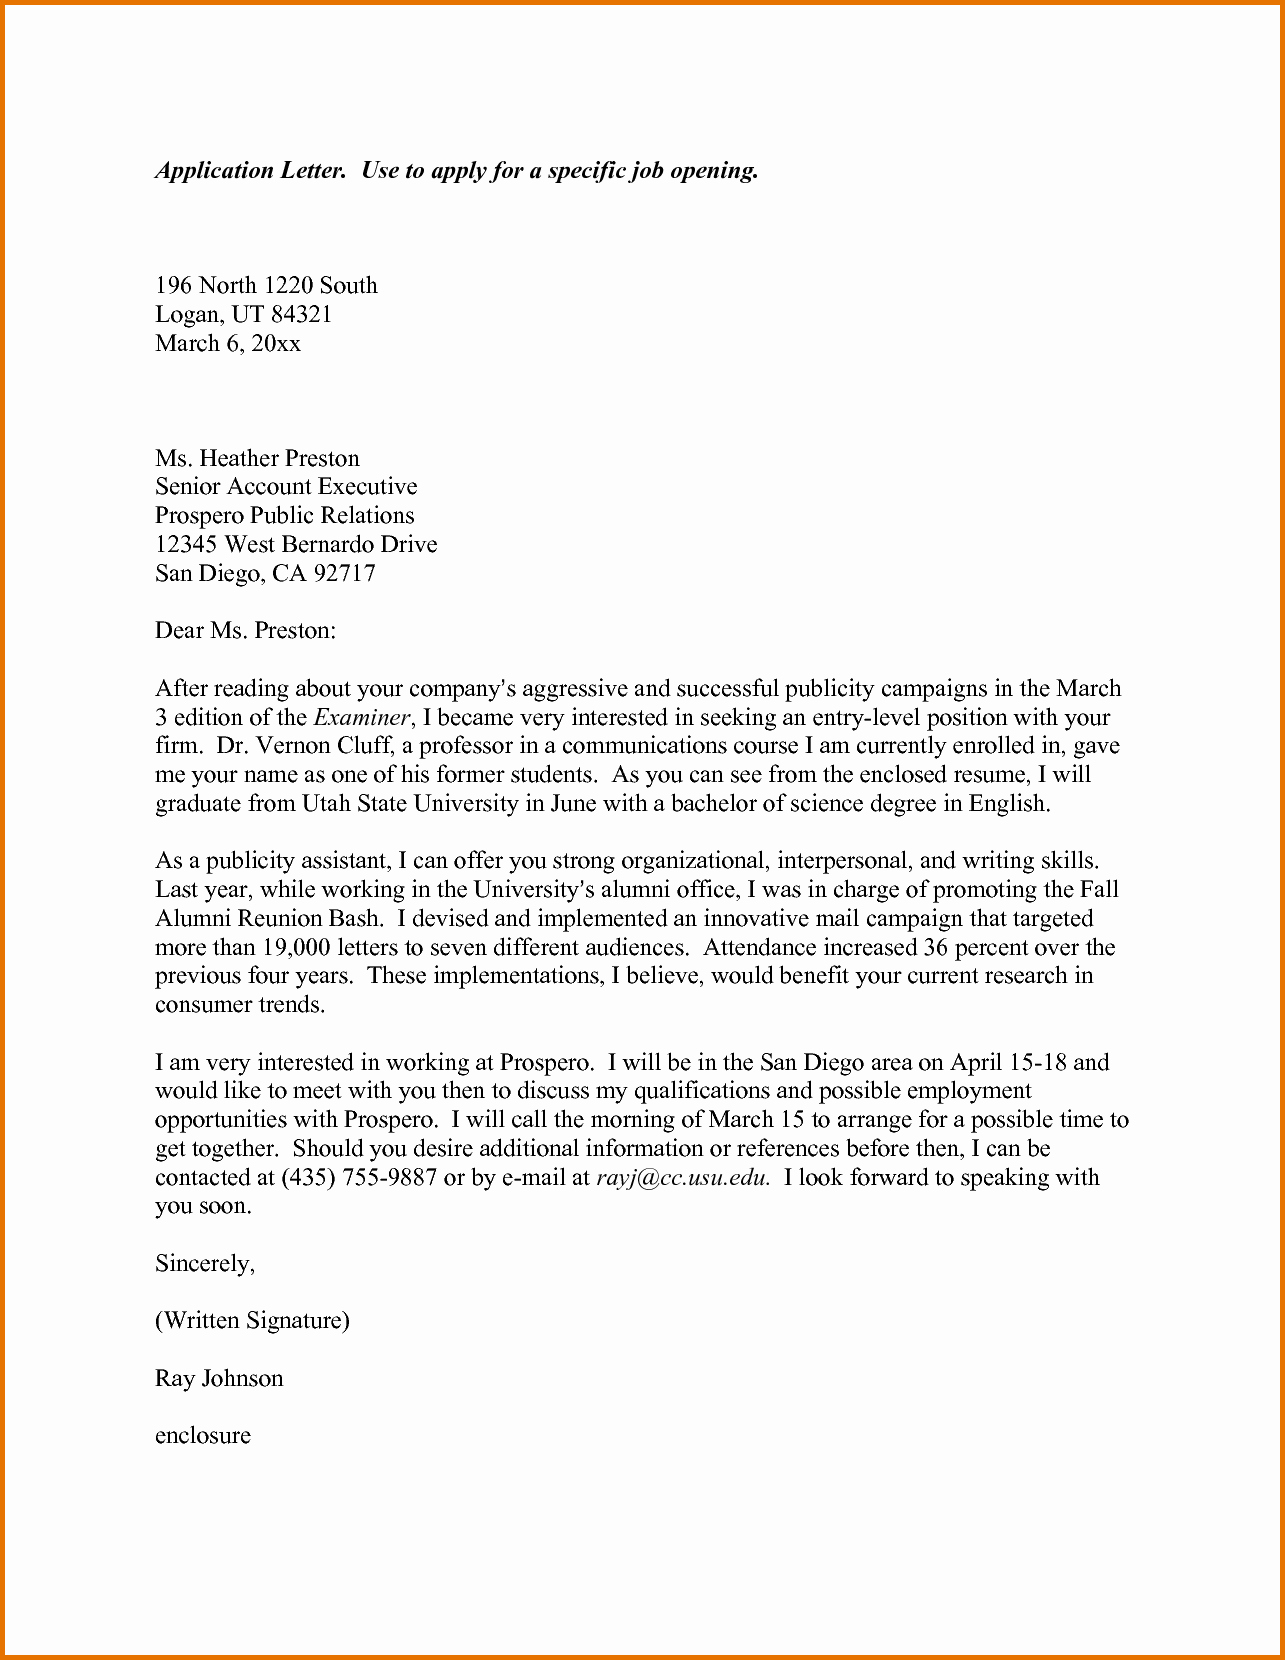 Sample Application Letter for Job Applyreference Letters